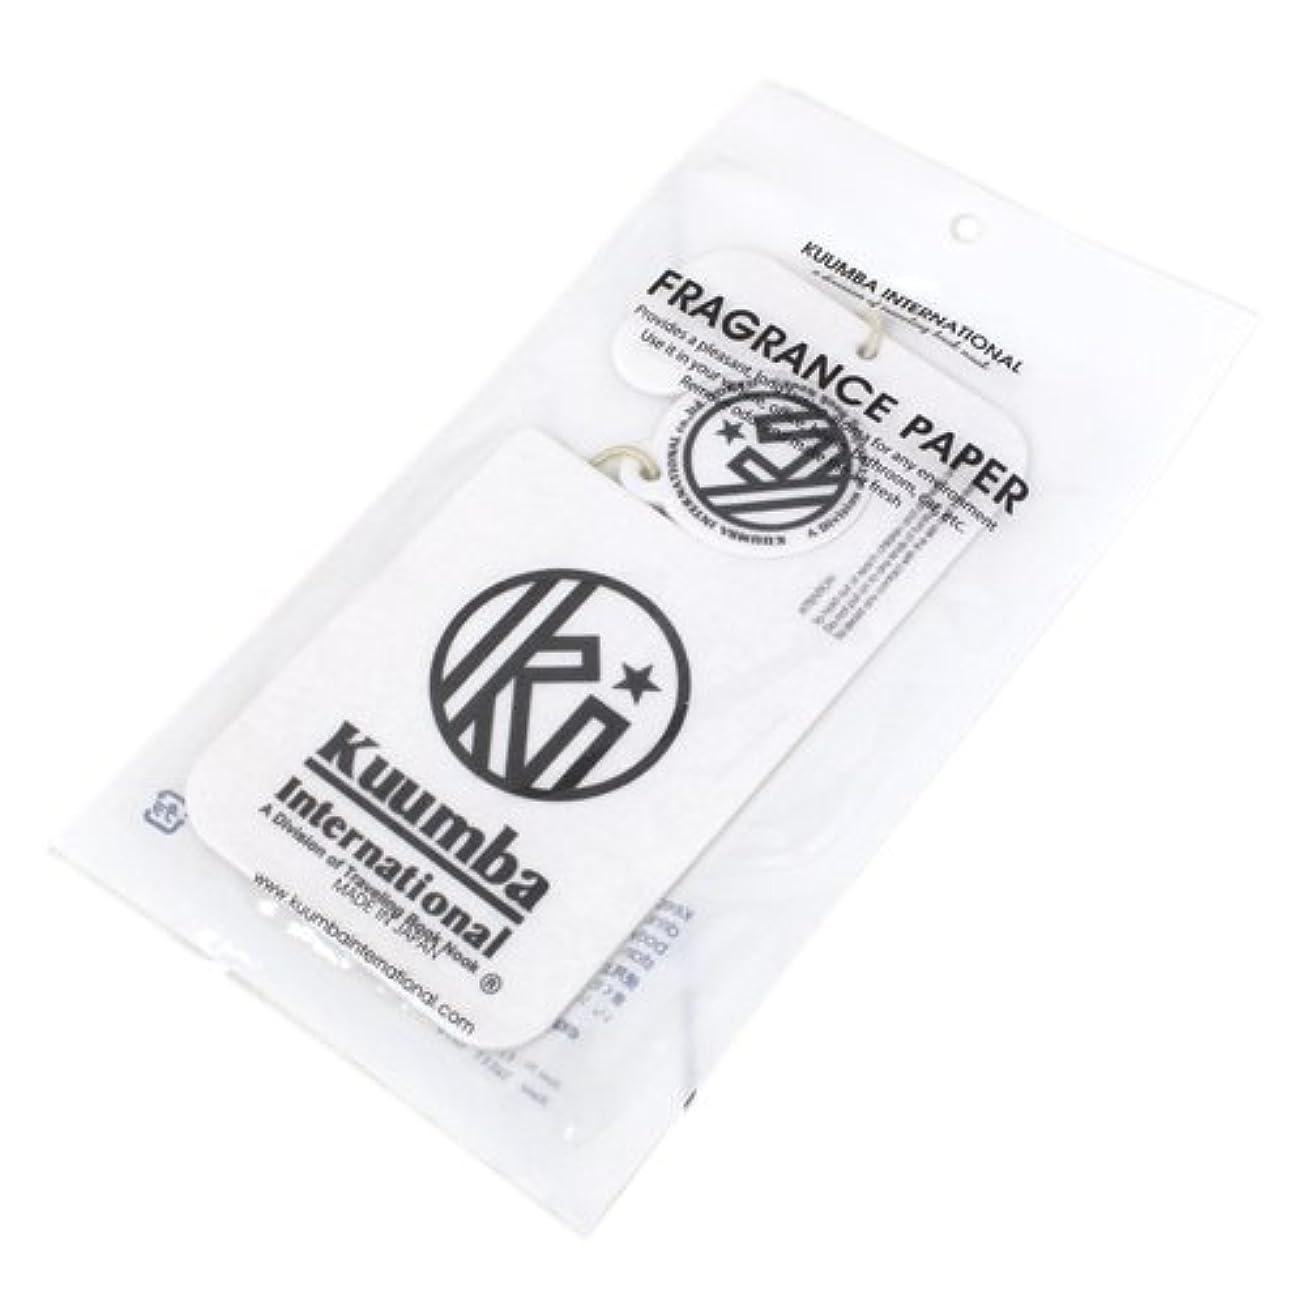 純正キャンパススクレーパーKUUMBA (クンバ)『Paper Freshener』(SWEET RAIN) (ONE SIZE)